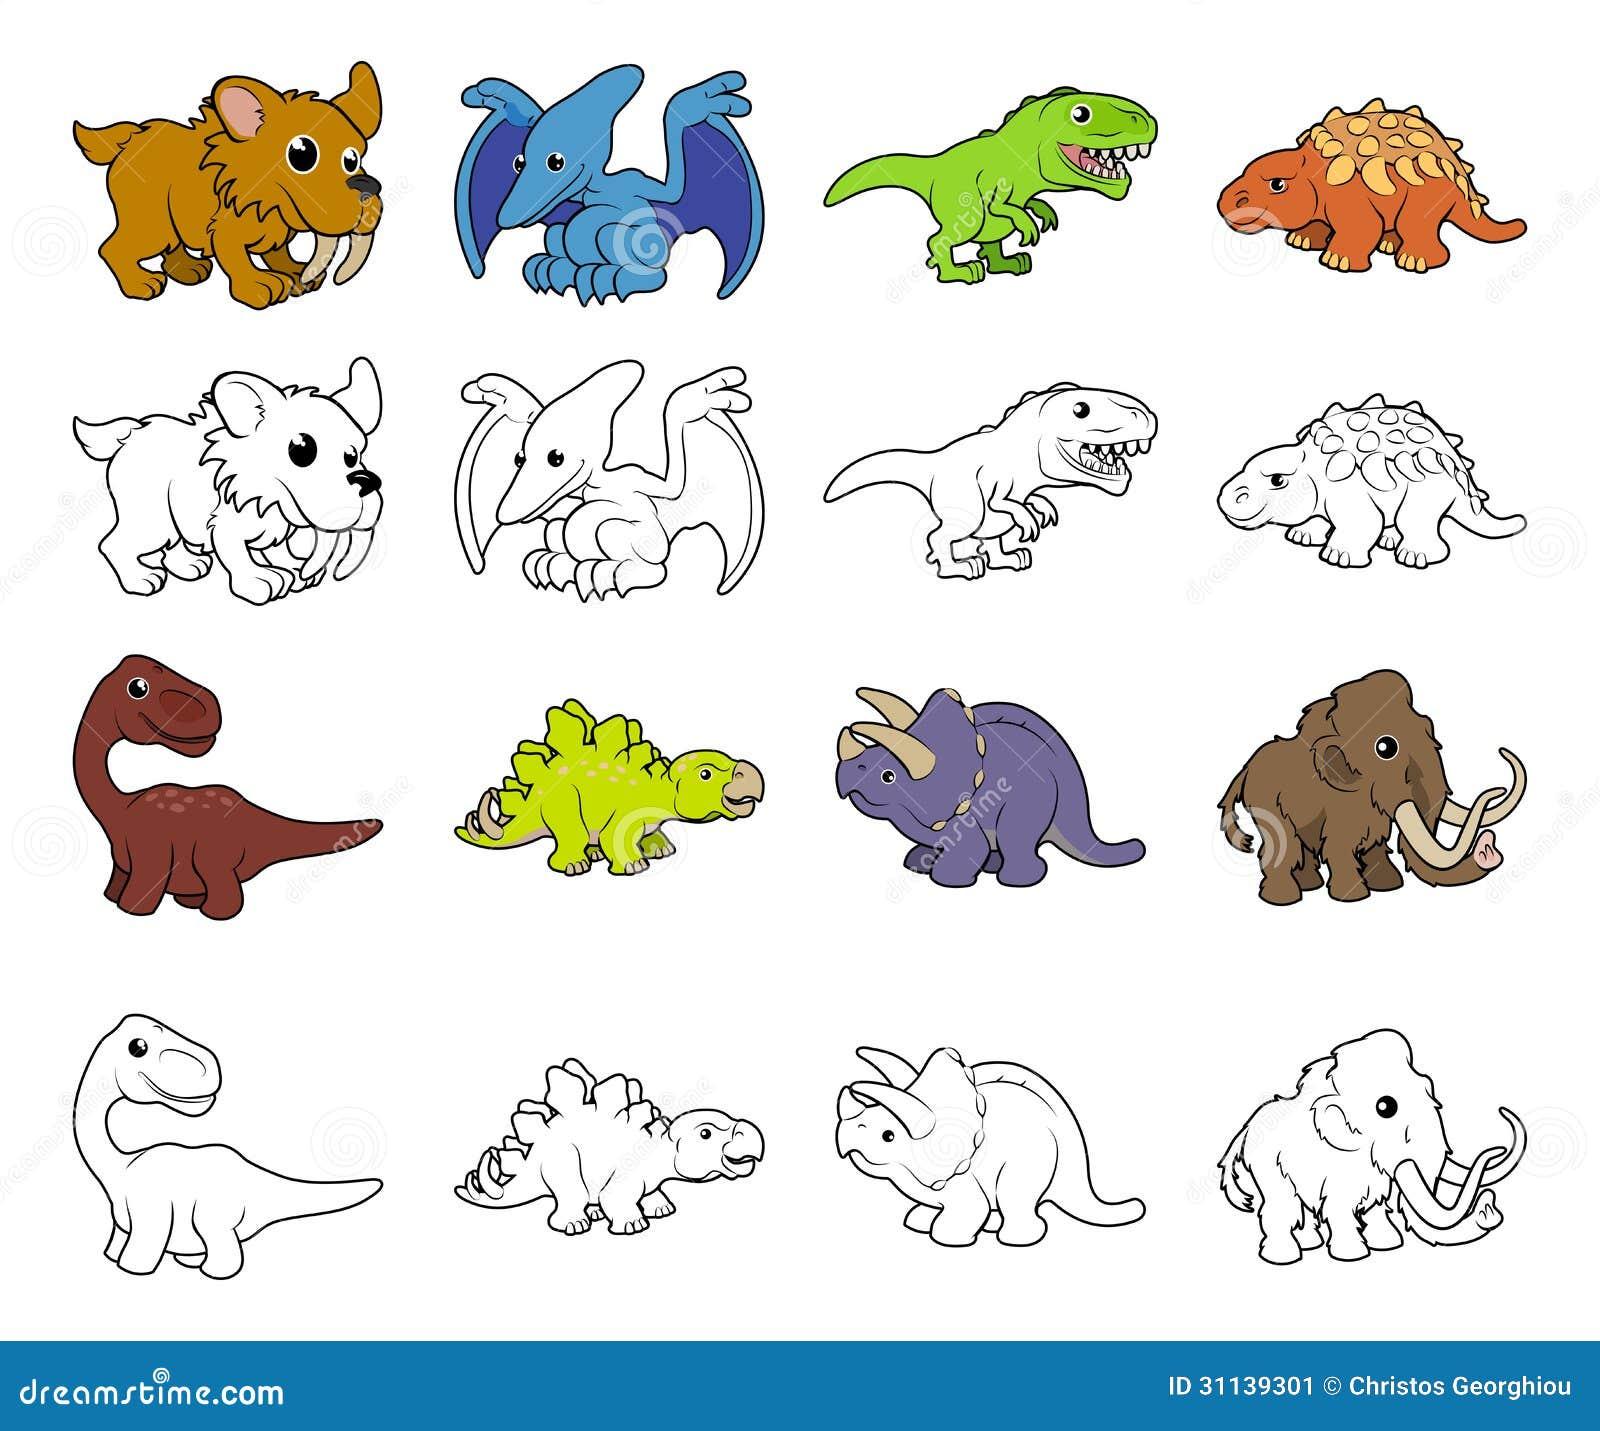 Cartoon Dinosaur Illustrations Stock Vector